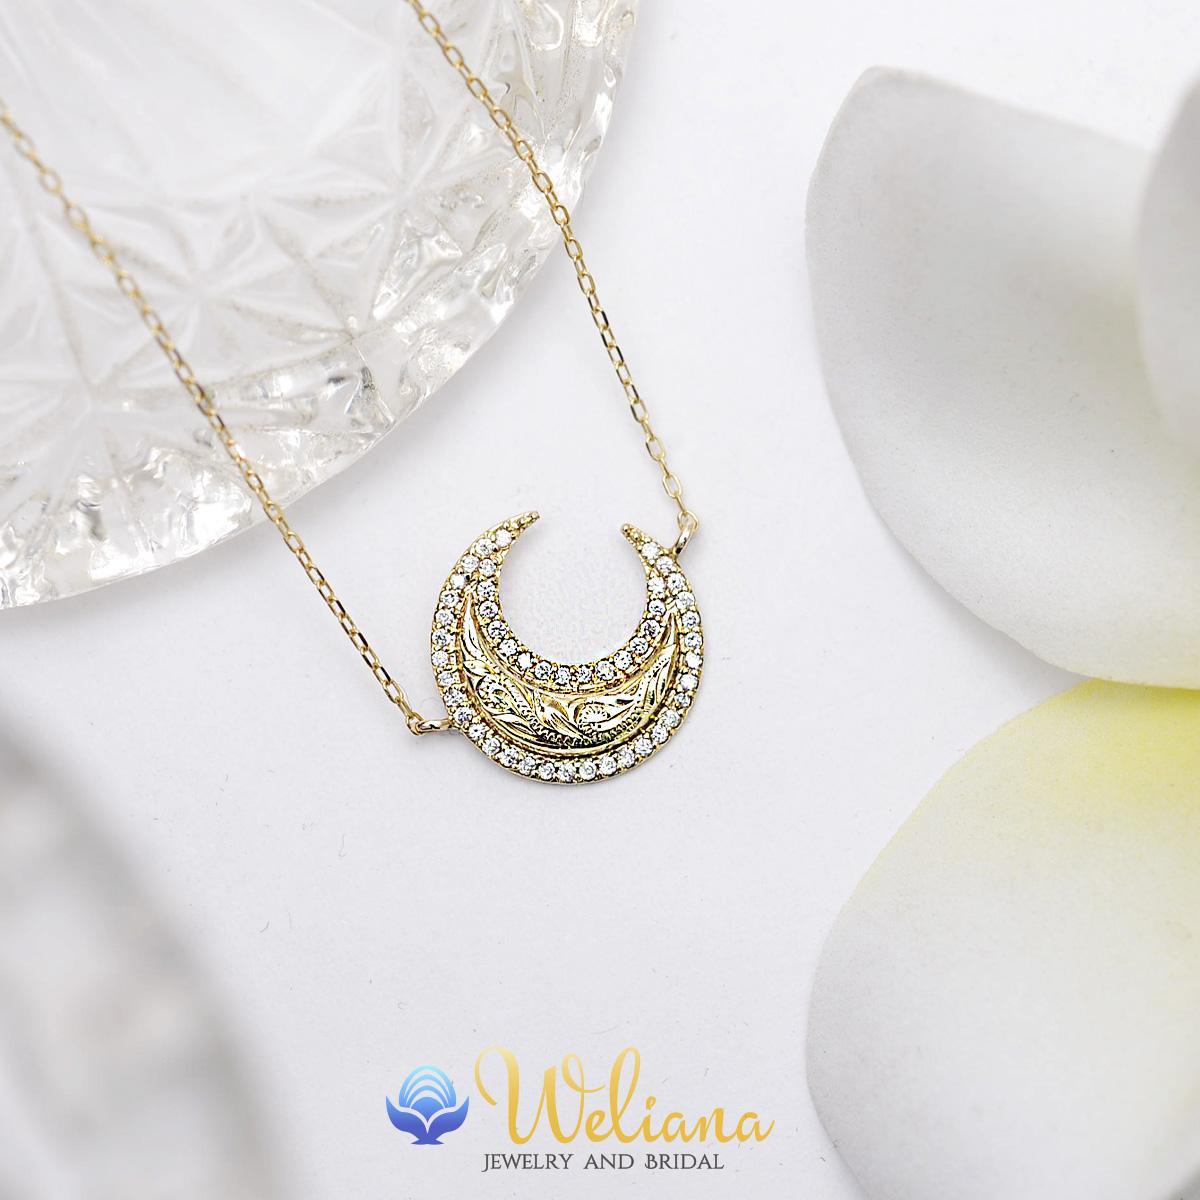 ハワイアンジュエリー k10ネックレス 10金 ゴールド ダイヤモンド  (Weliana) スクロールクレッセント ダイヤモンドネックレス 0.15ct wne1631